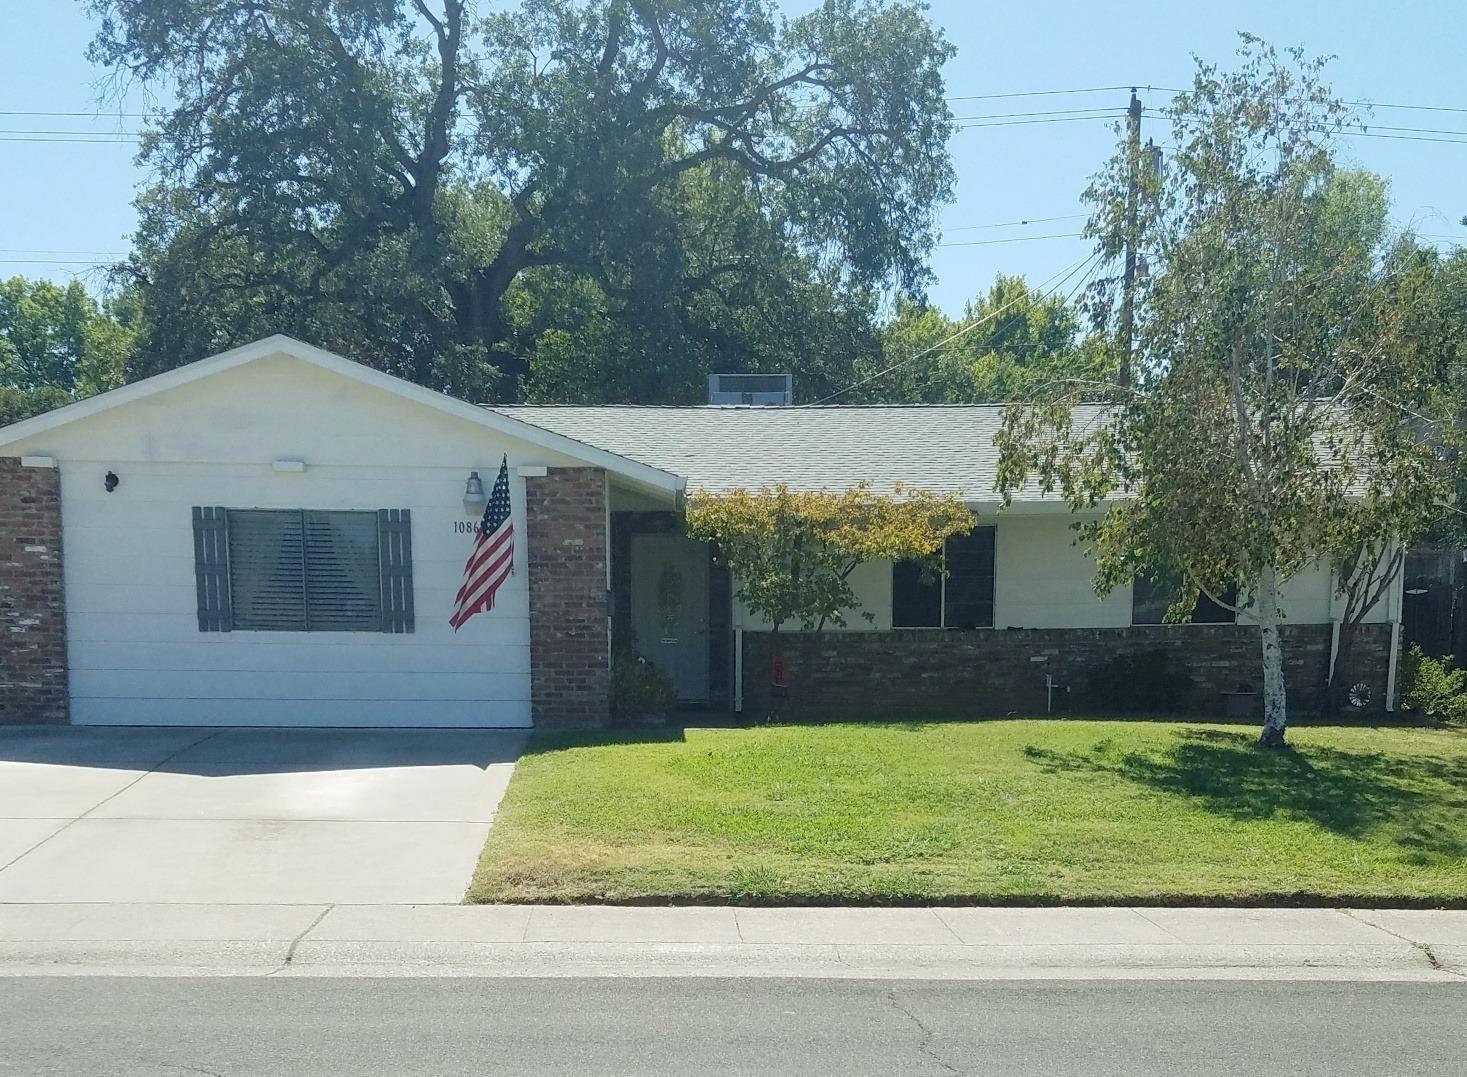 Photo of 10860 Oakton Way, Rancho Cordova, CA 95670 (MLS # 221118009)